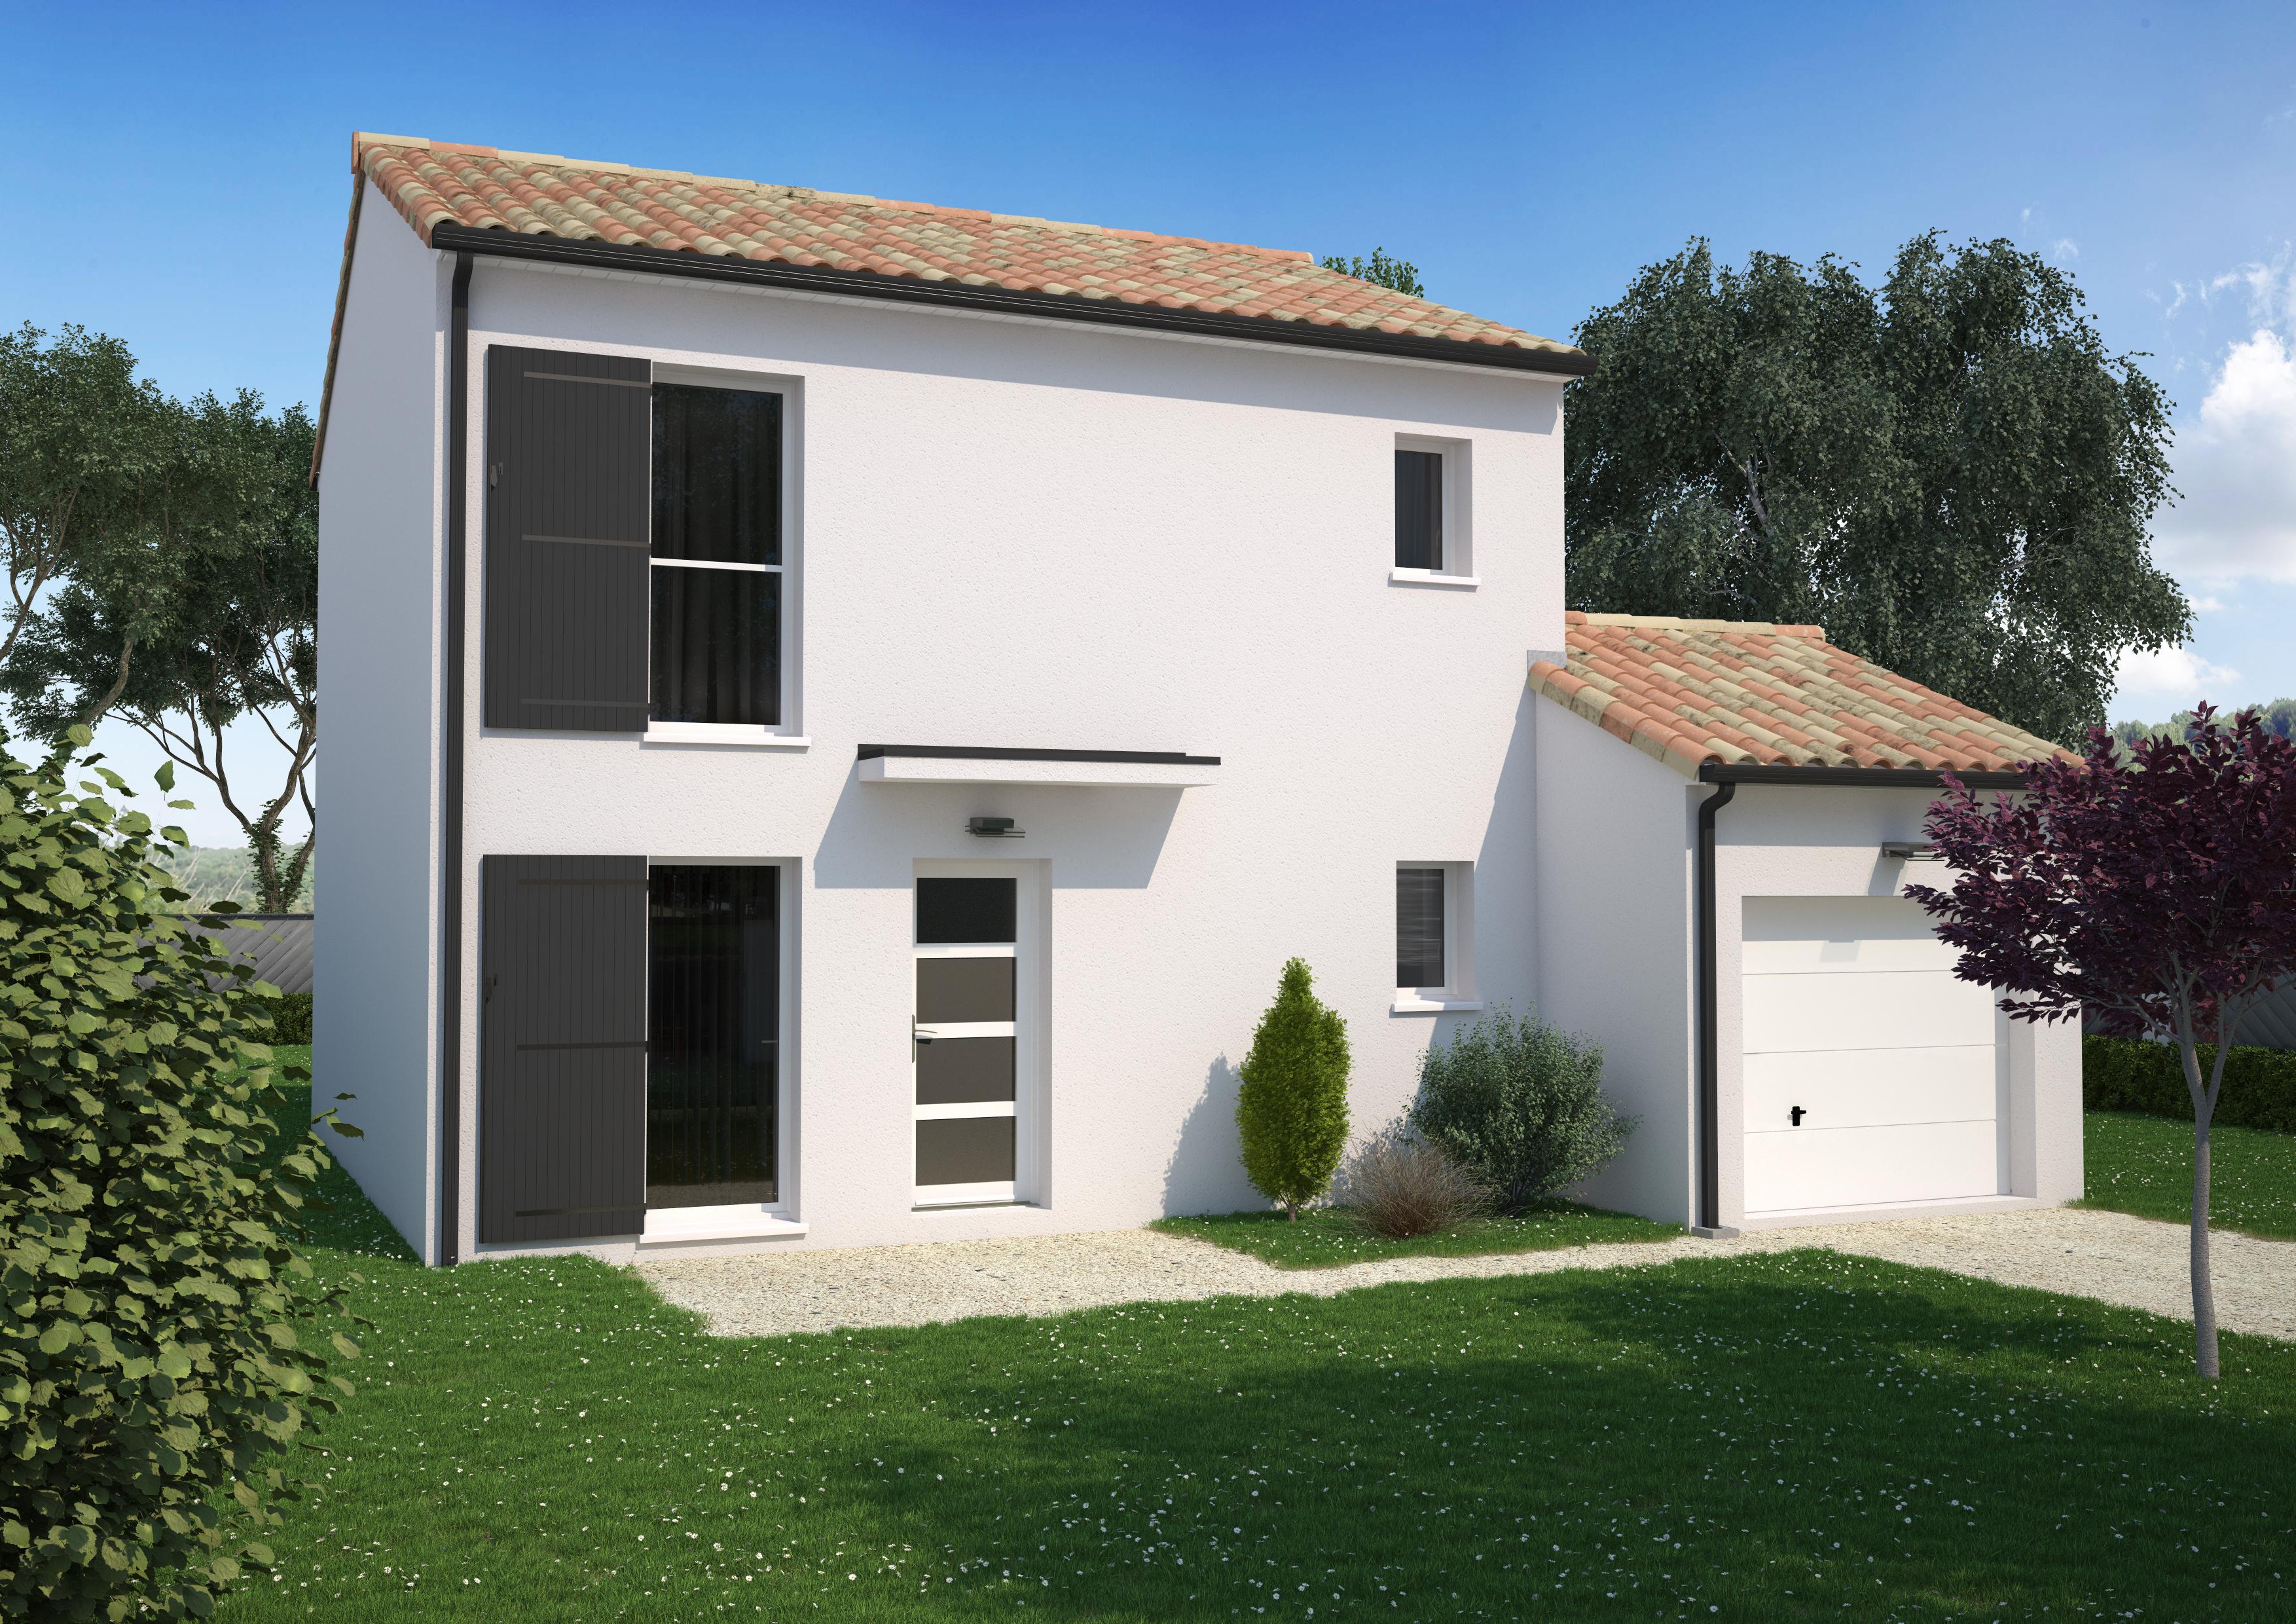 Maison 3 chambres de 89 m²